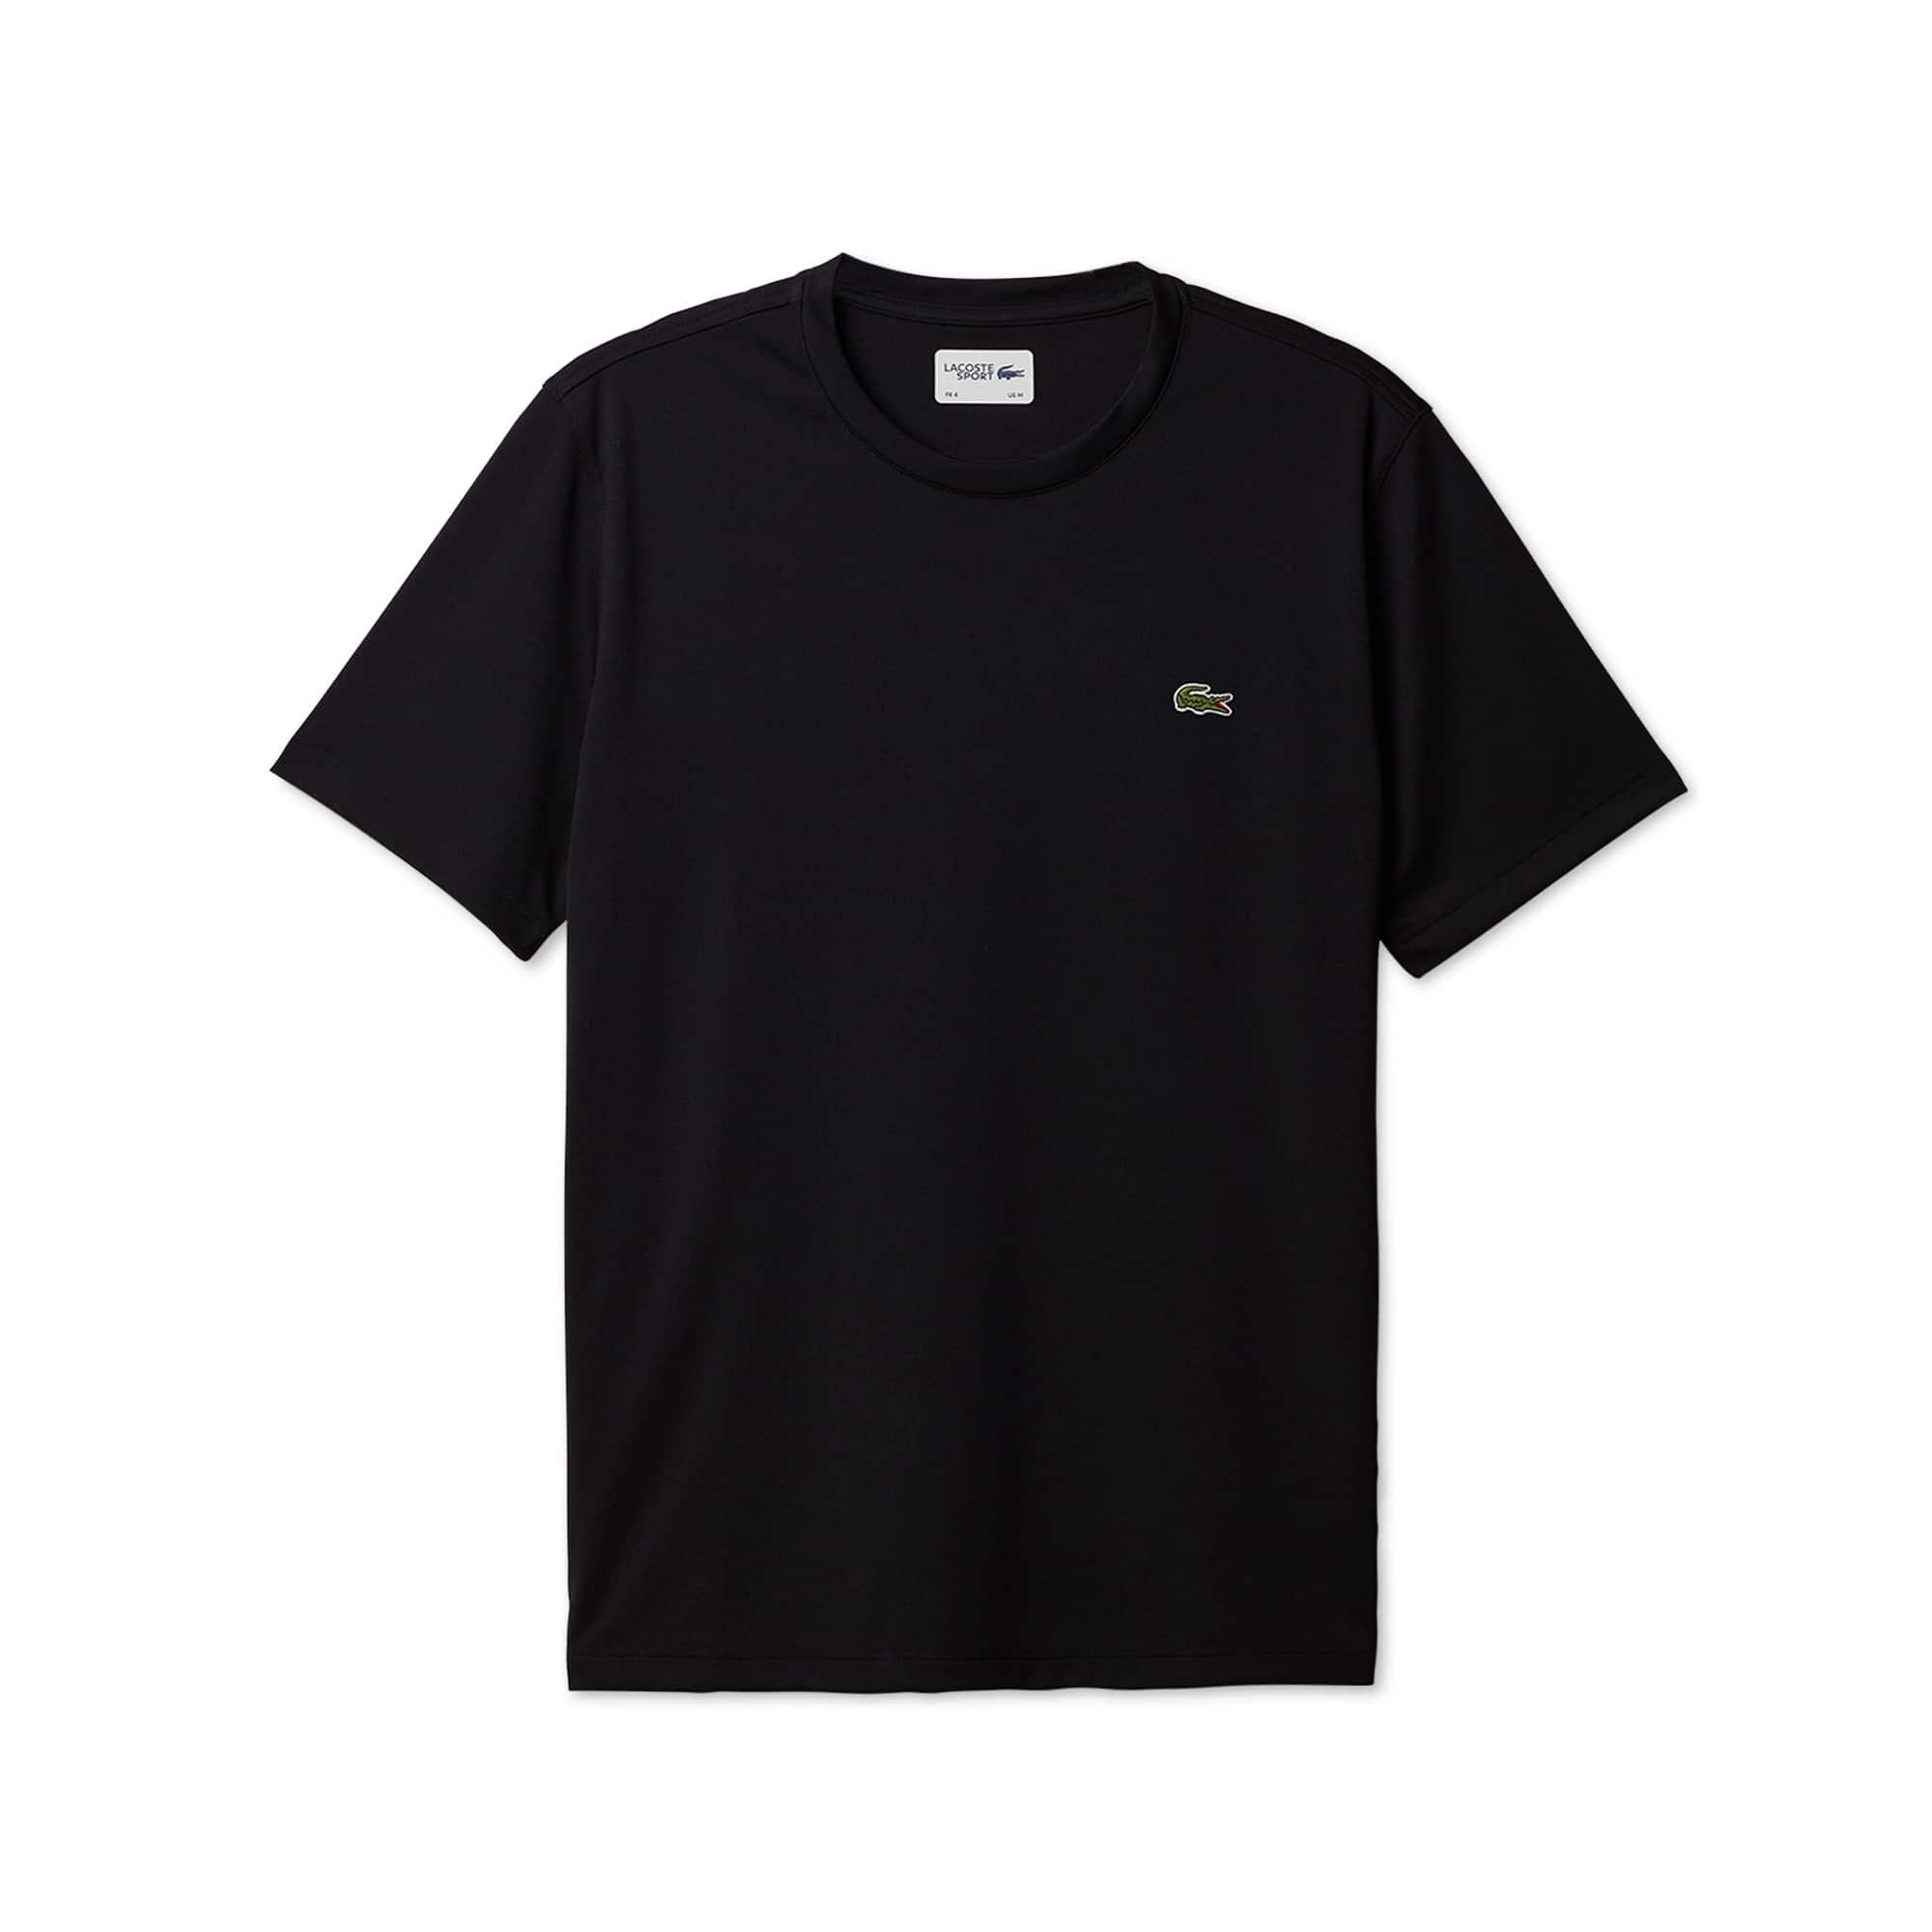 Camisetas  5f723f9b708d3